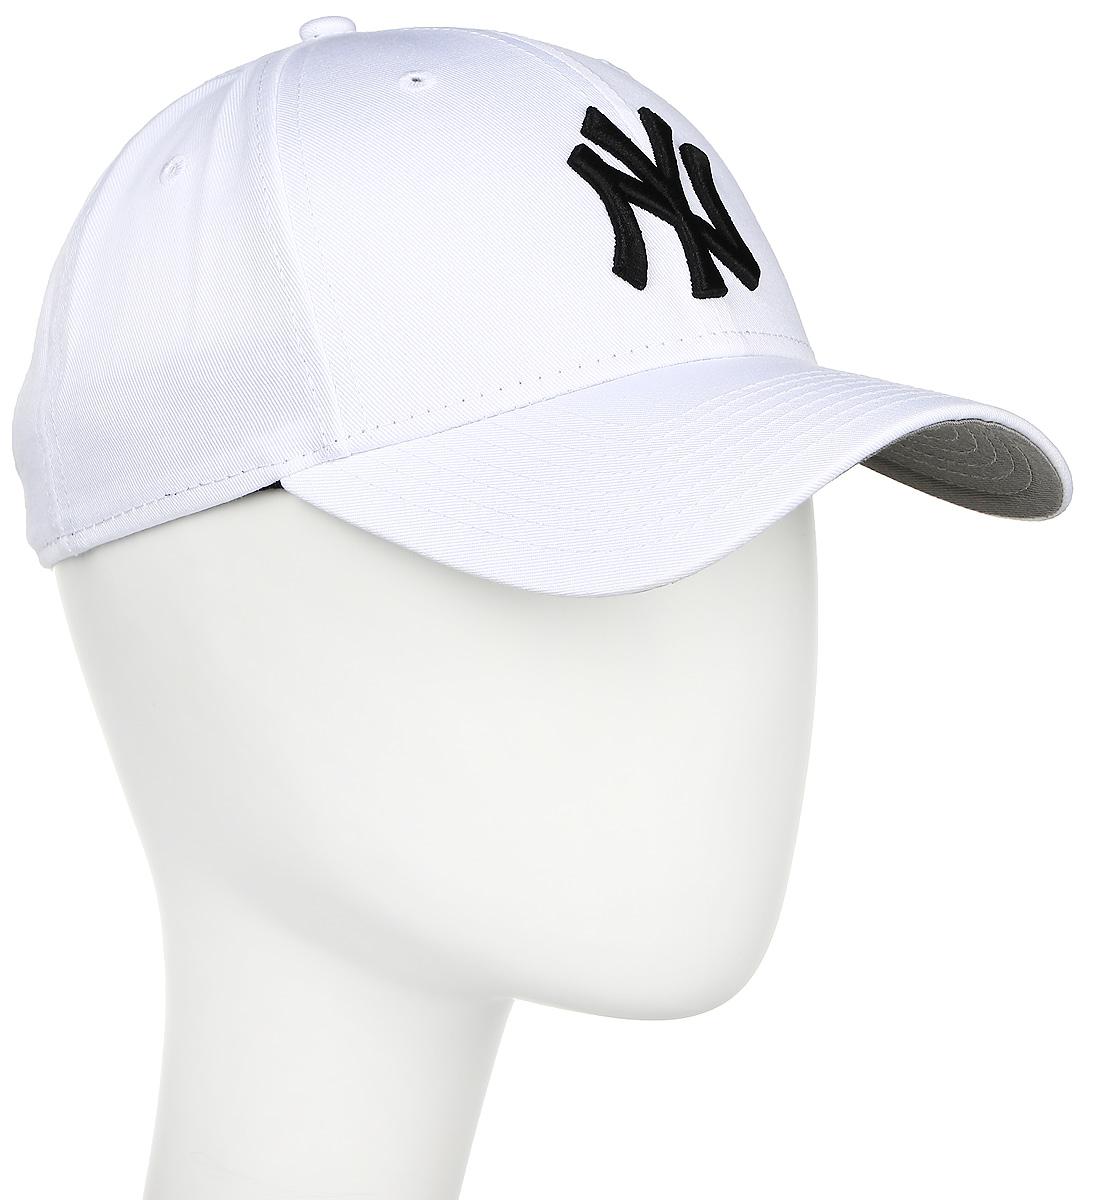 Бейсболка New Era Mlb New York Yankees, цвет: белый. 11277613-WHIBLK. Размер универсальный11277613-WHIBLKСтильная бейсболка New Era, выполненная из высококачественного материала, идеально подойдет для прогулок, занятий спортом и отдыха.Изделие оформлено объемным вышитым логотипом знаменитой бейсбольной команды New York Yankees и логотипом бренда New Era.Бейсболка надежно защитит вас от солнца и ветра. Эта модель станет отличным аксессуаром и дополнит ваш повседневный образ.